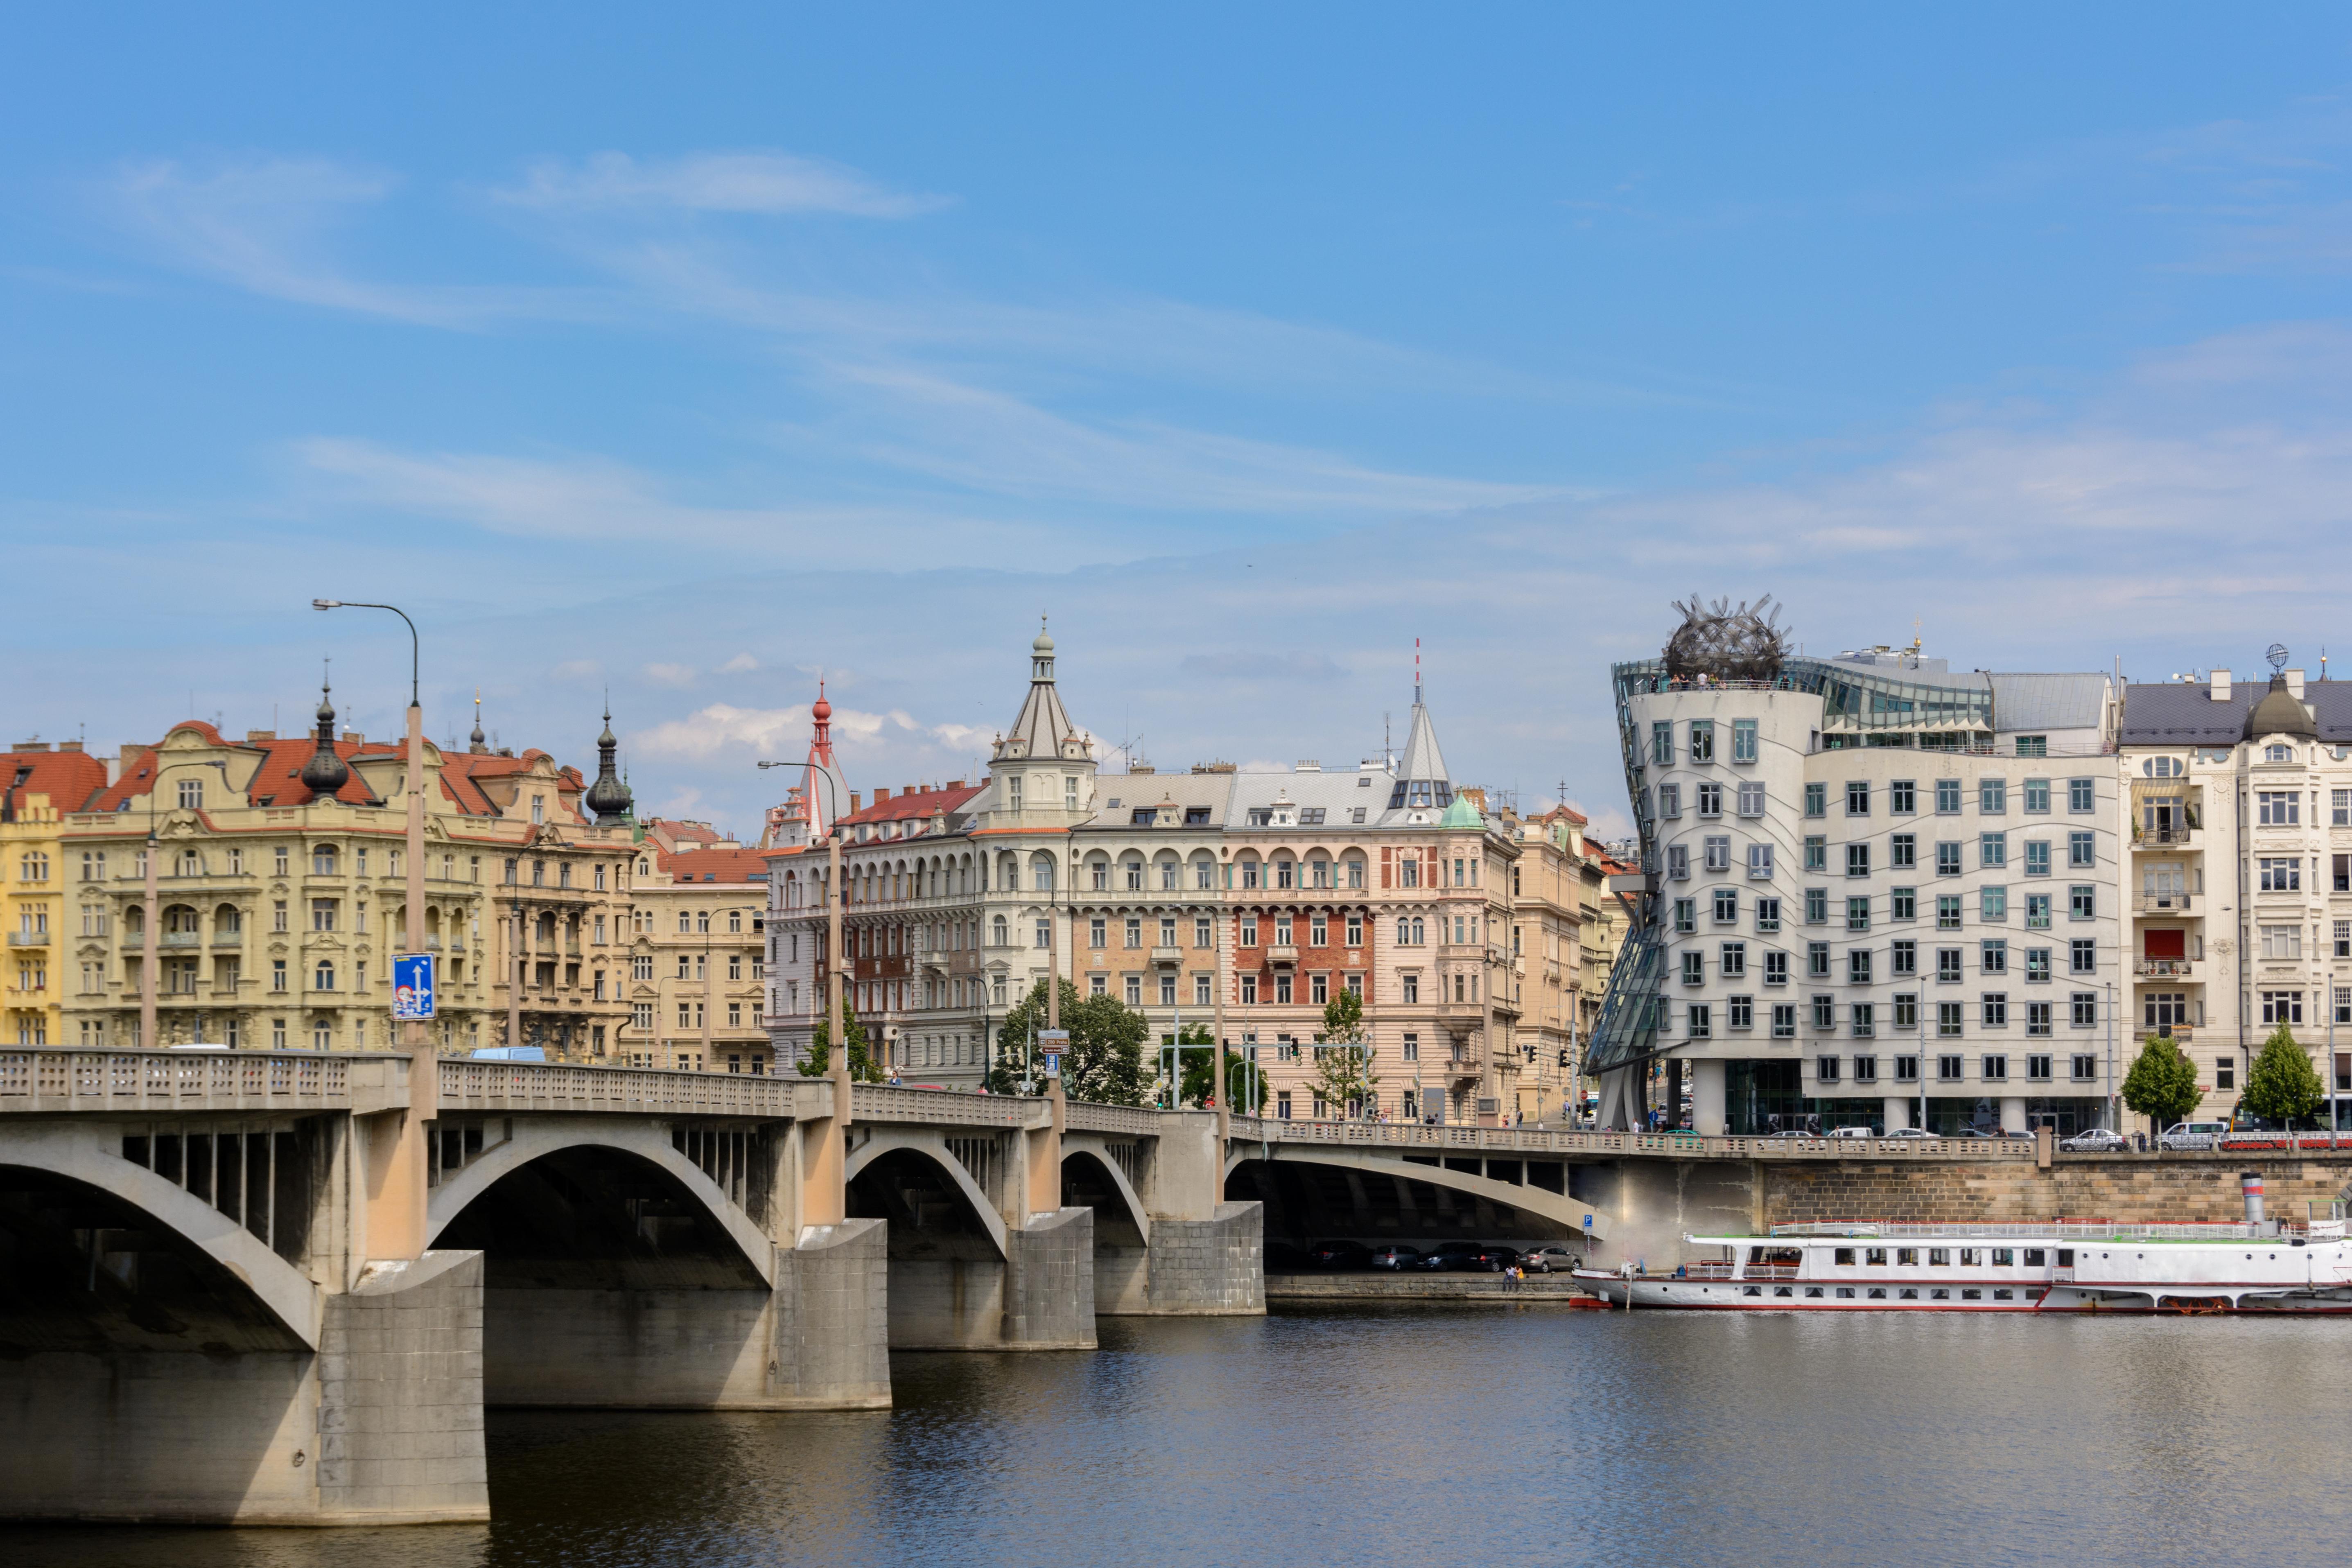 Sorpréndete con la Casa Danzante, símbolo de la cara más contemporánea de Praga - Austria Circuito Capitales Imperiales: de Viena a Praga